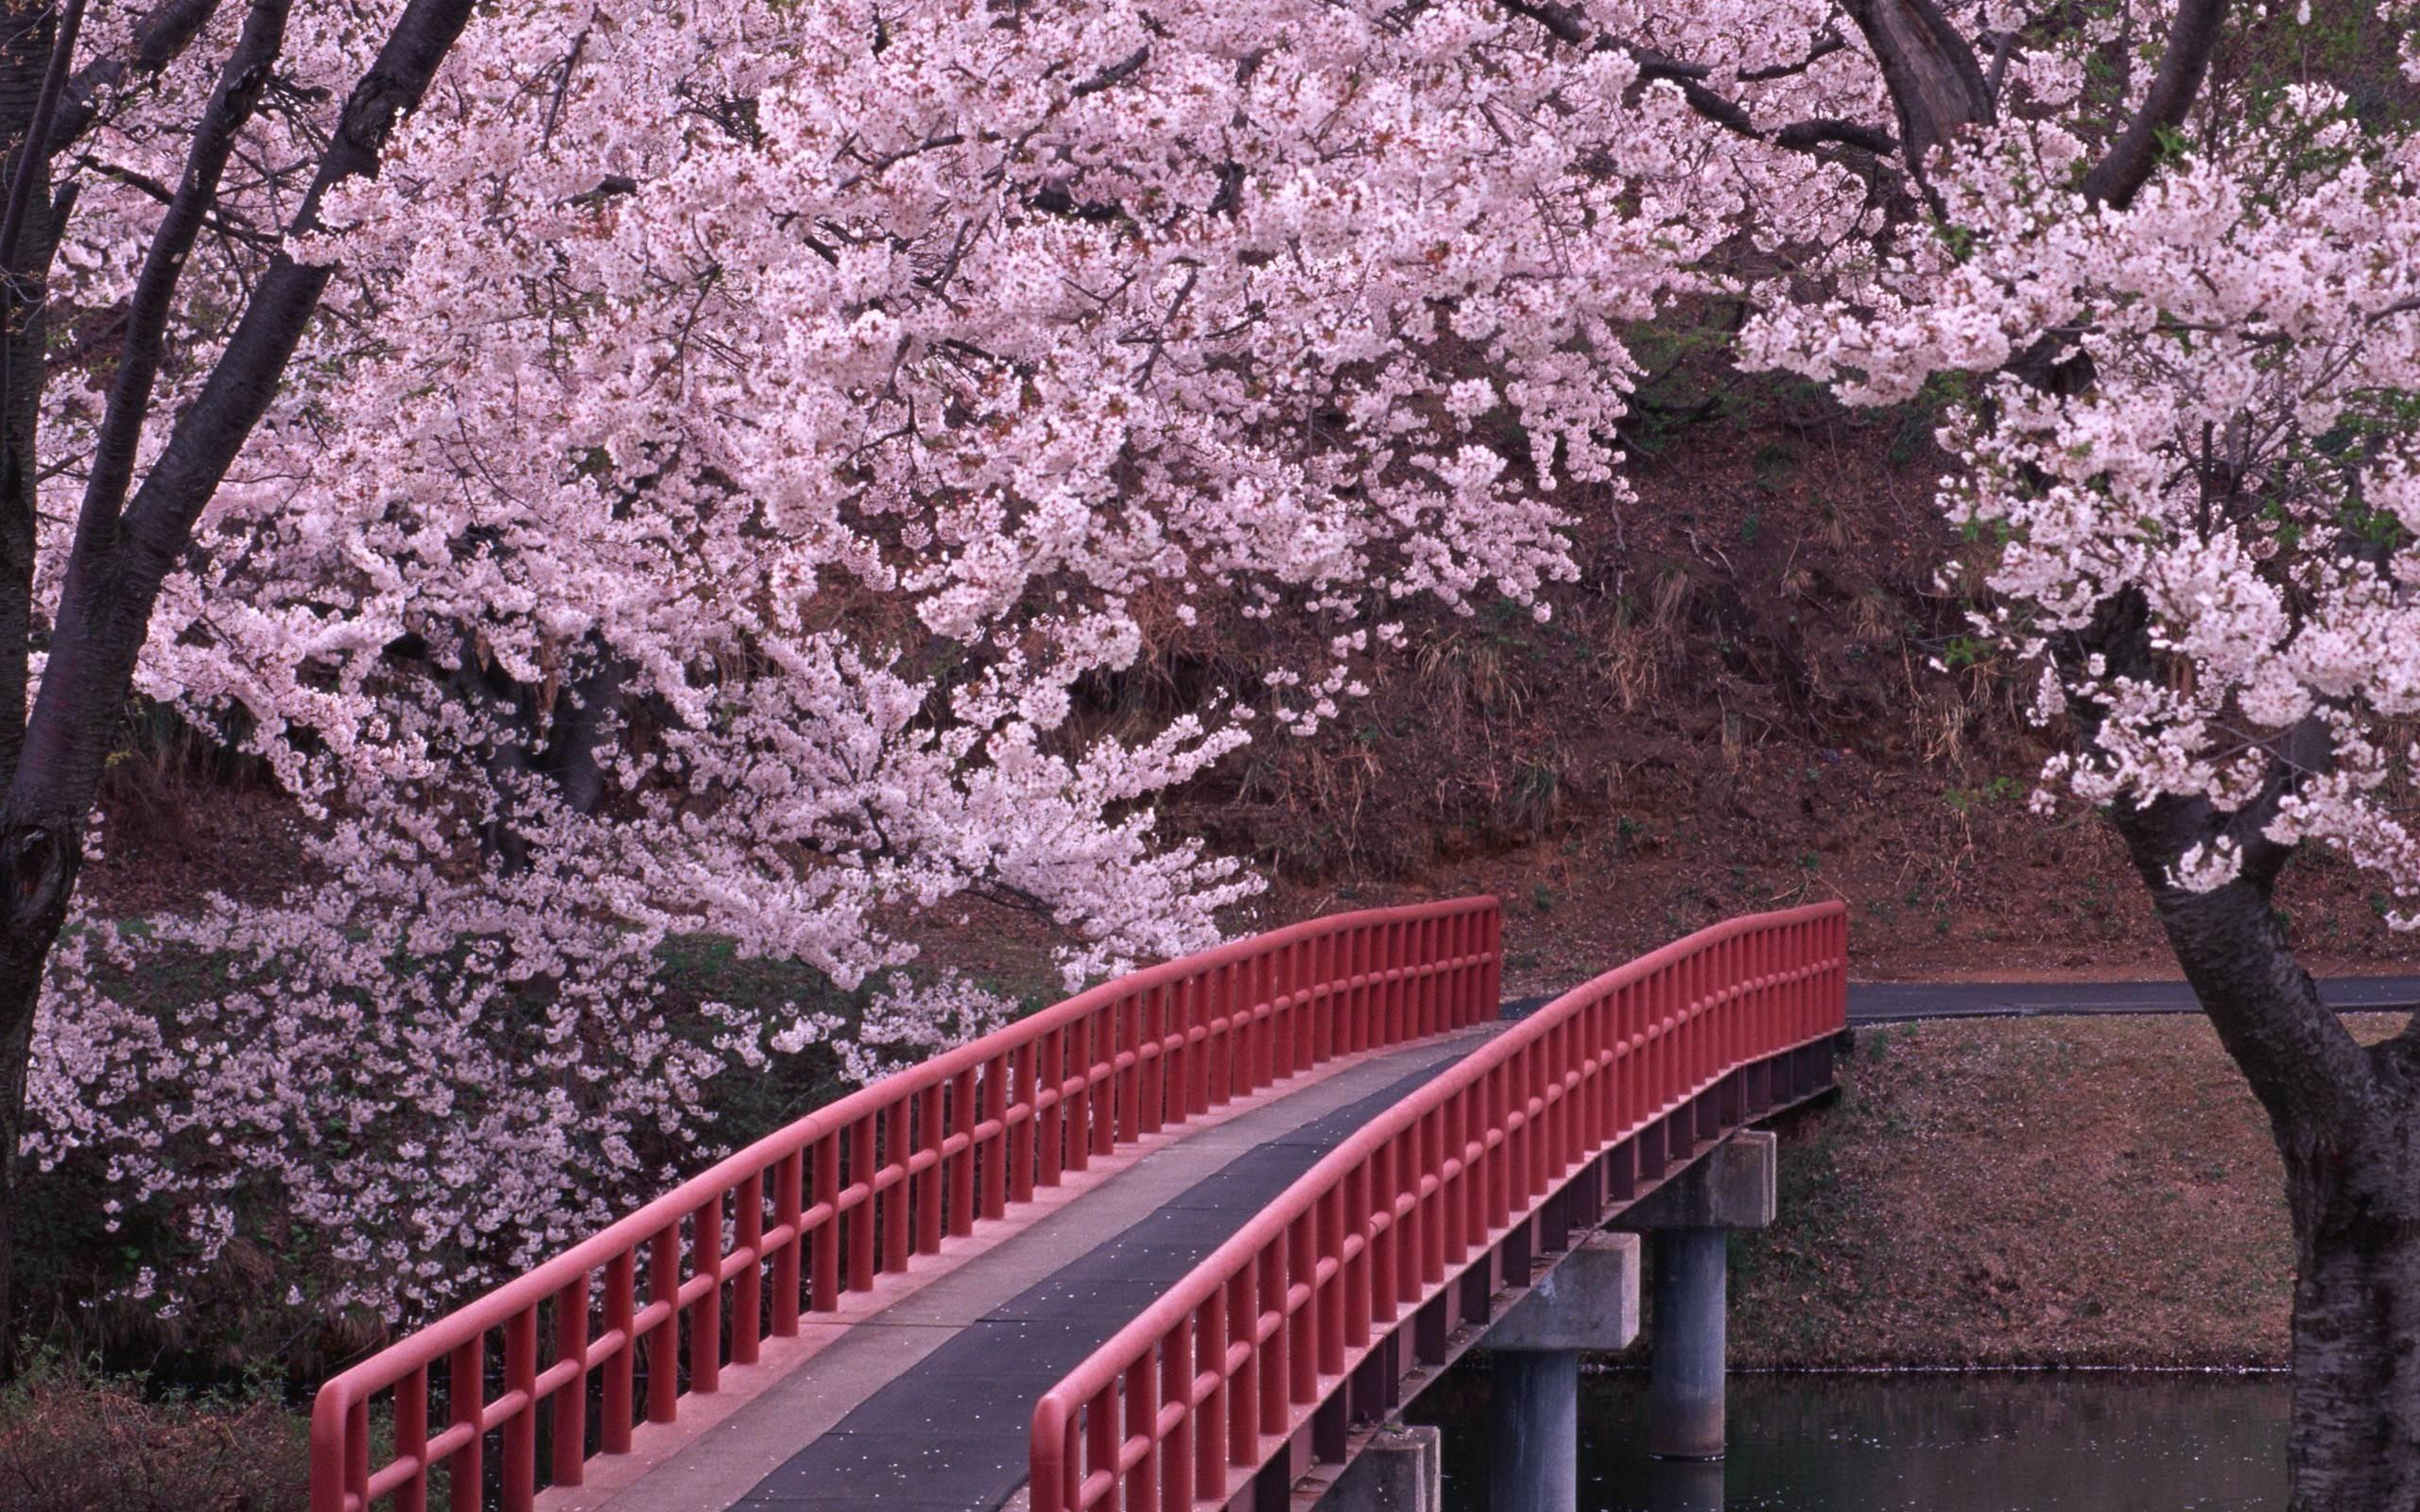 Wallpapers For > Japanese Cherry Blossom Wallpaper Anime